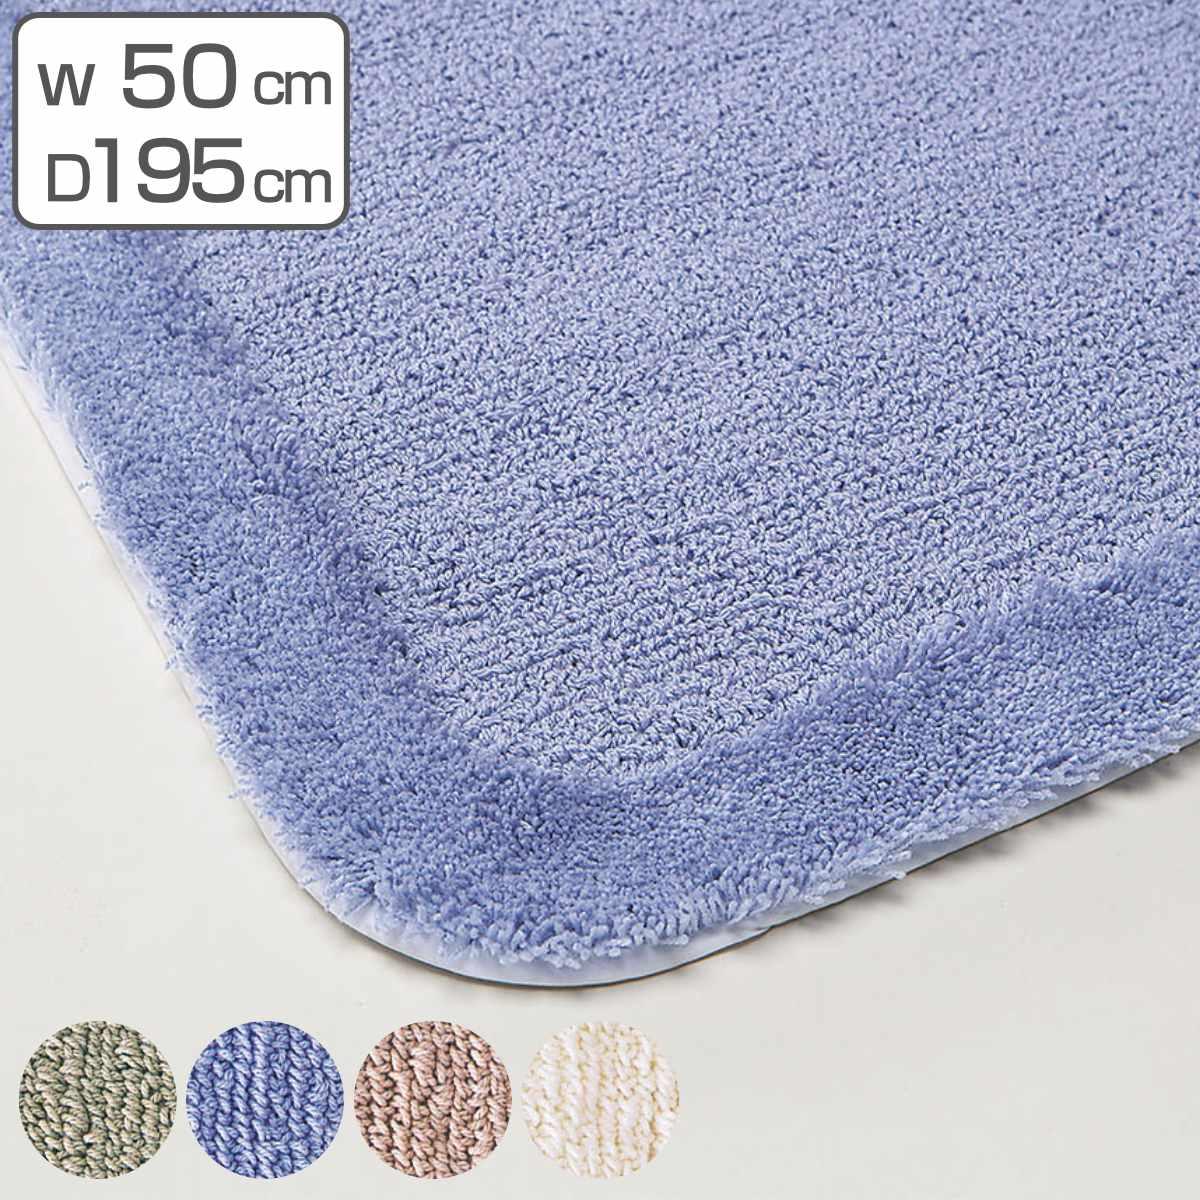 バスマット業務用 吸水ループパイル ノンスリップ抗菌仕様 50×195  ( 足拭き 風呂マット 送料無料 )